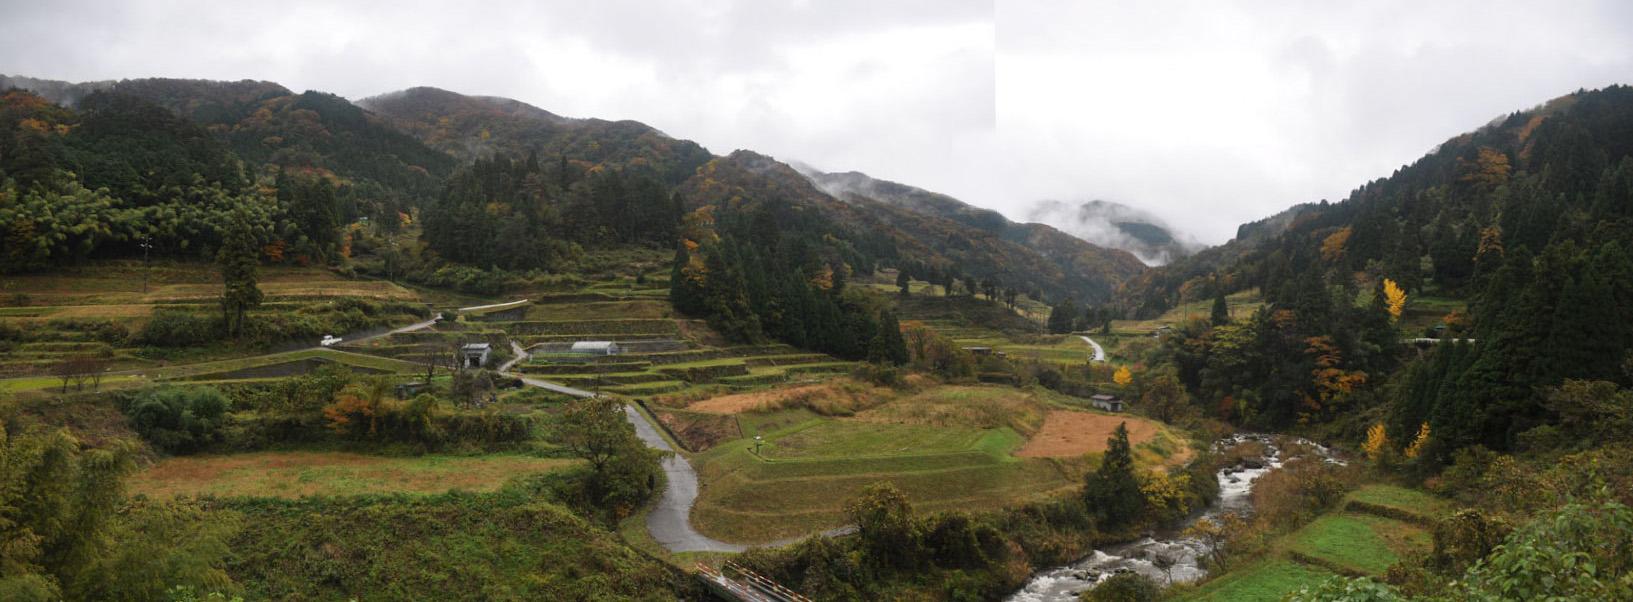 竹田城と温泉町 猿壺の滝_f0219895_5305648.jpg